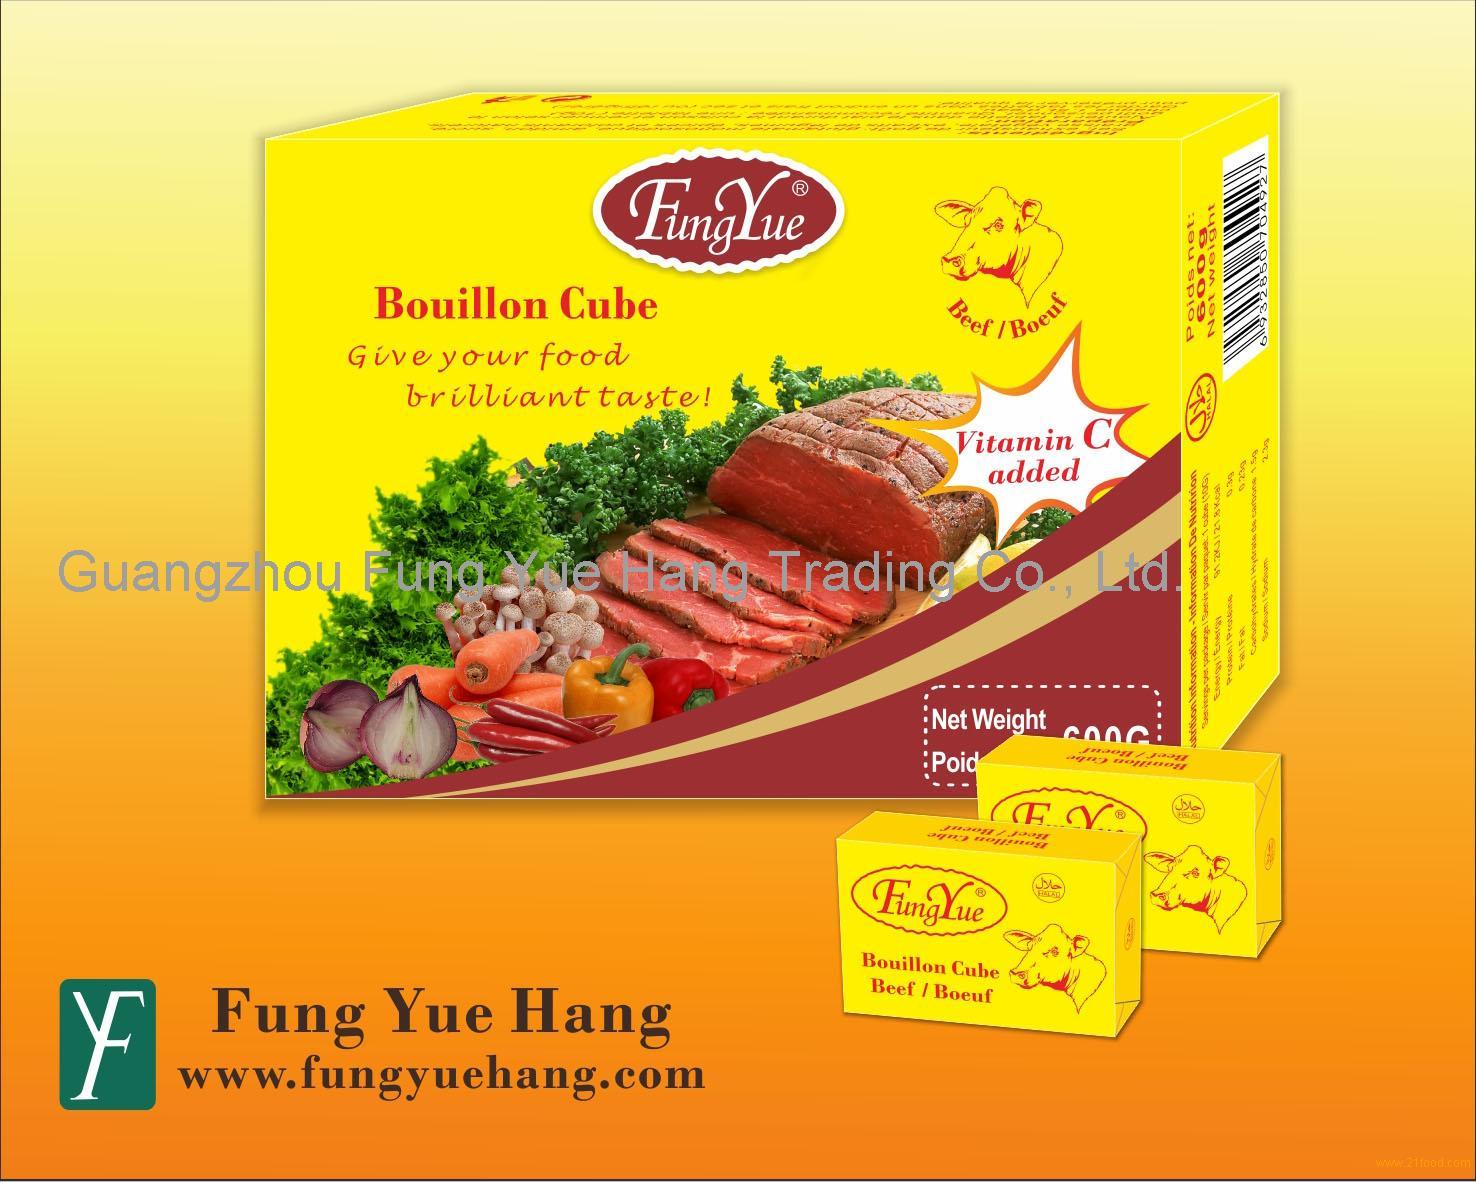 https://img.21food.com/img/product/2012/12/3/fungyuehang-16010060.jpg